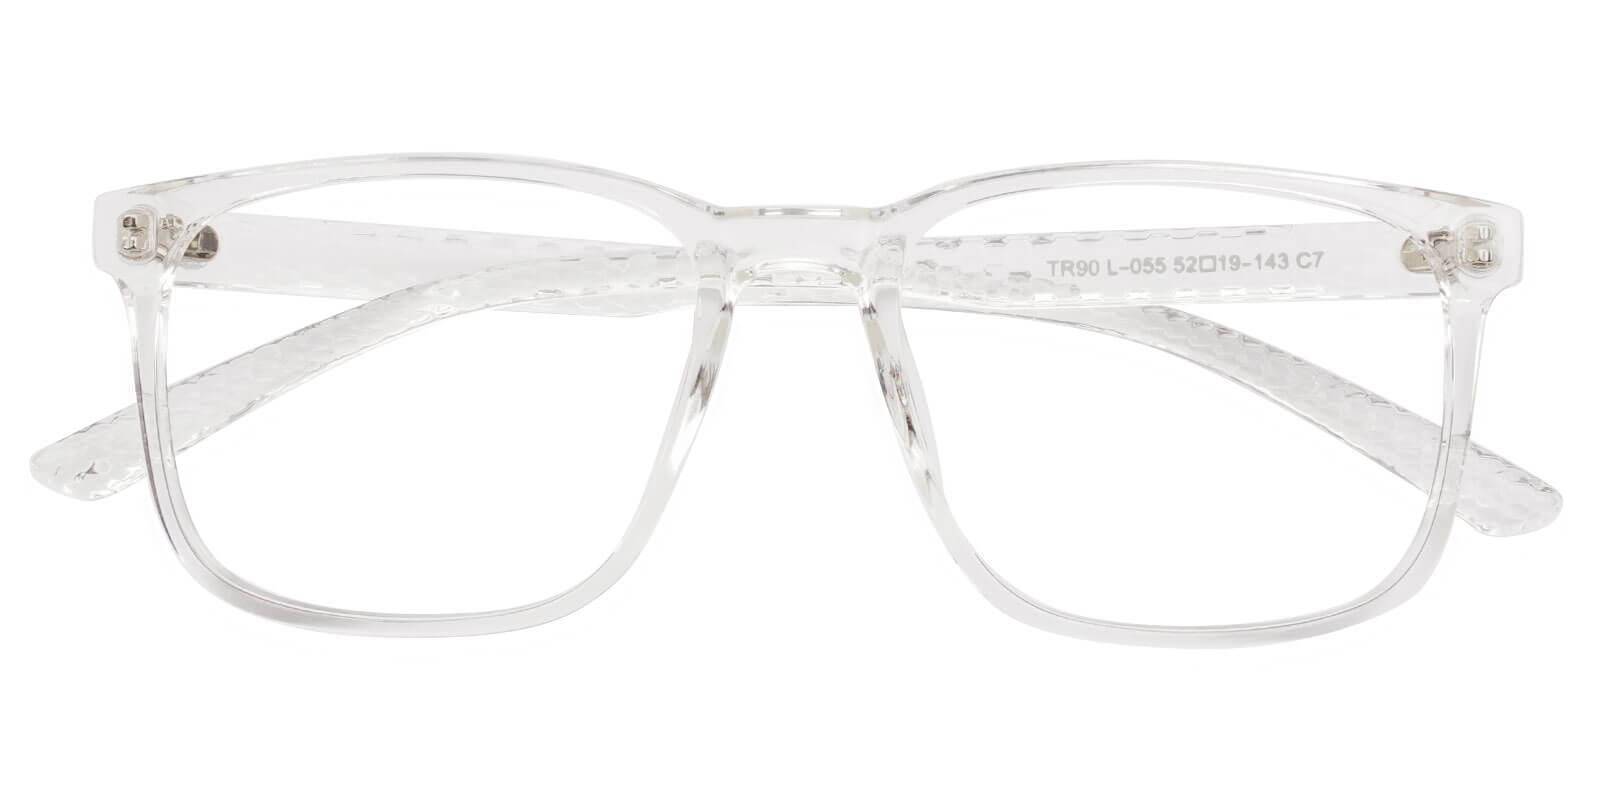 Warren Translucent TR Eyeglasses , UniversalBridgeFit Frames from ABBE Glasses